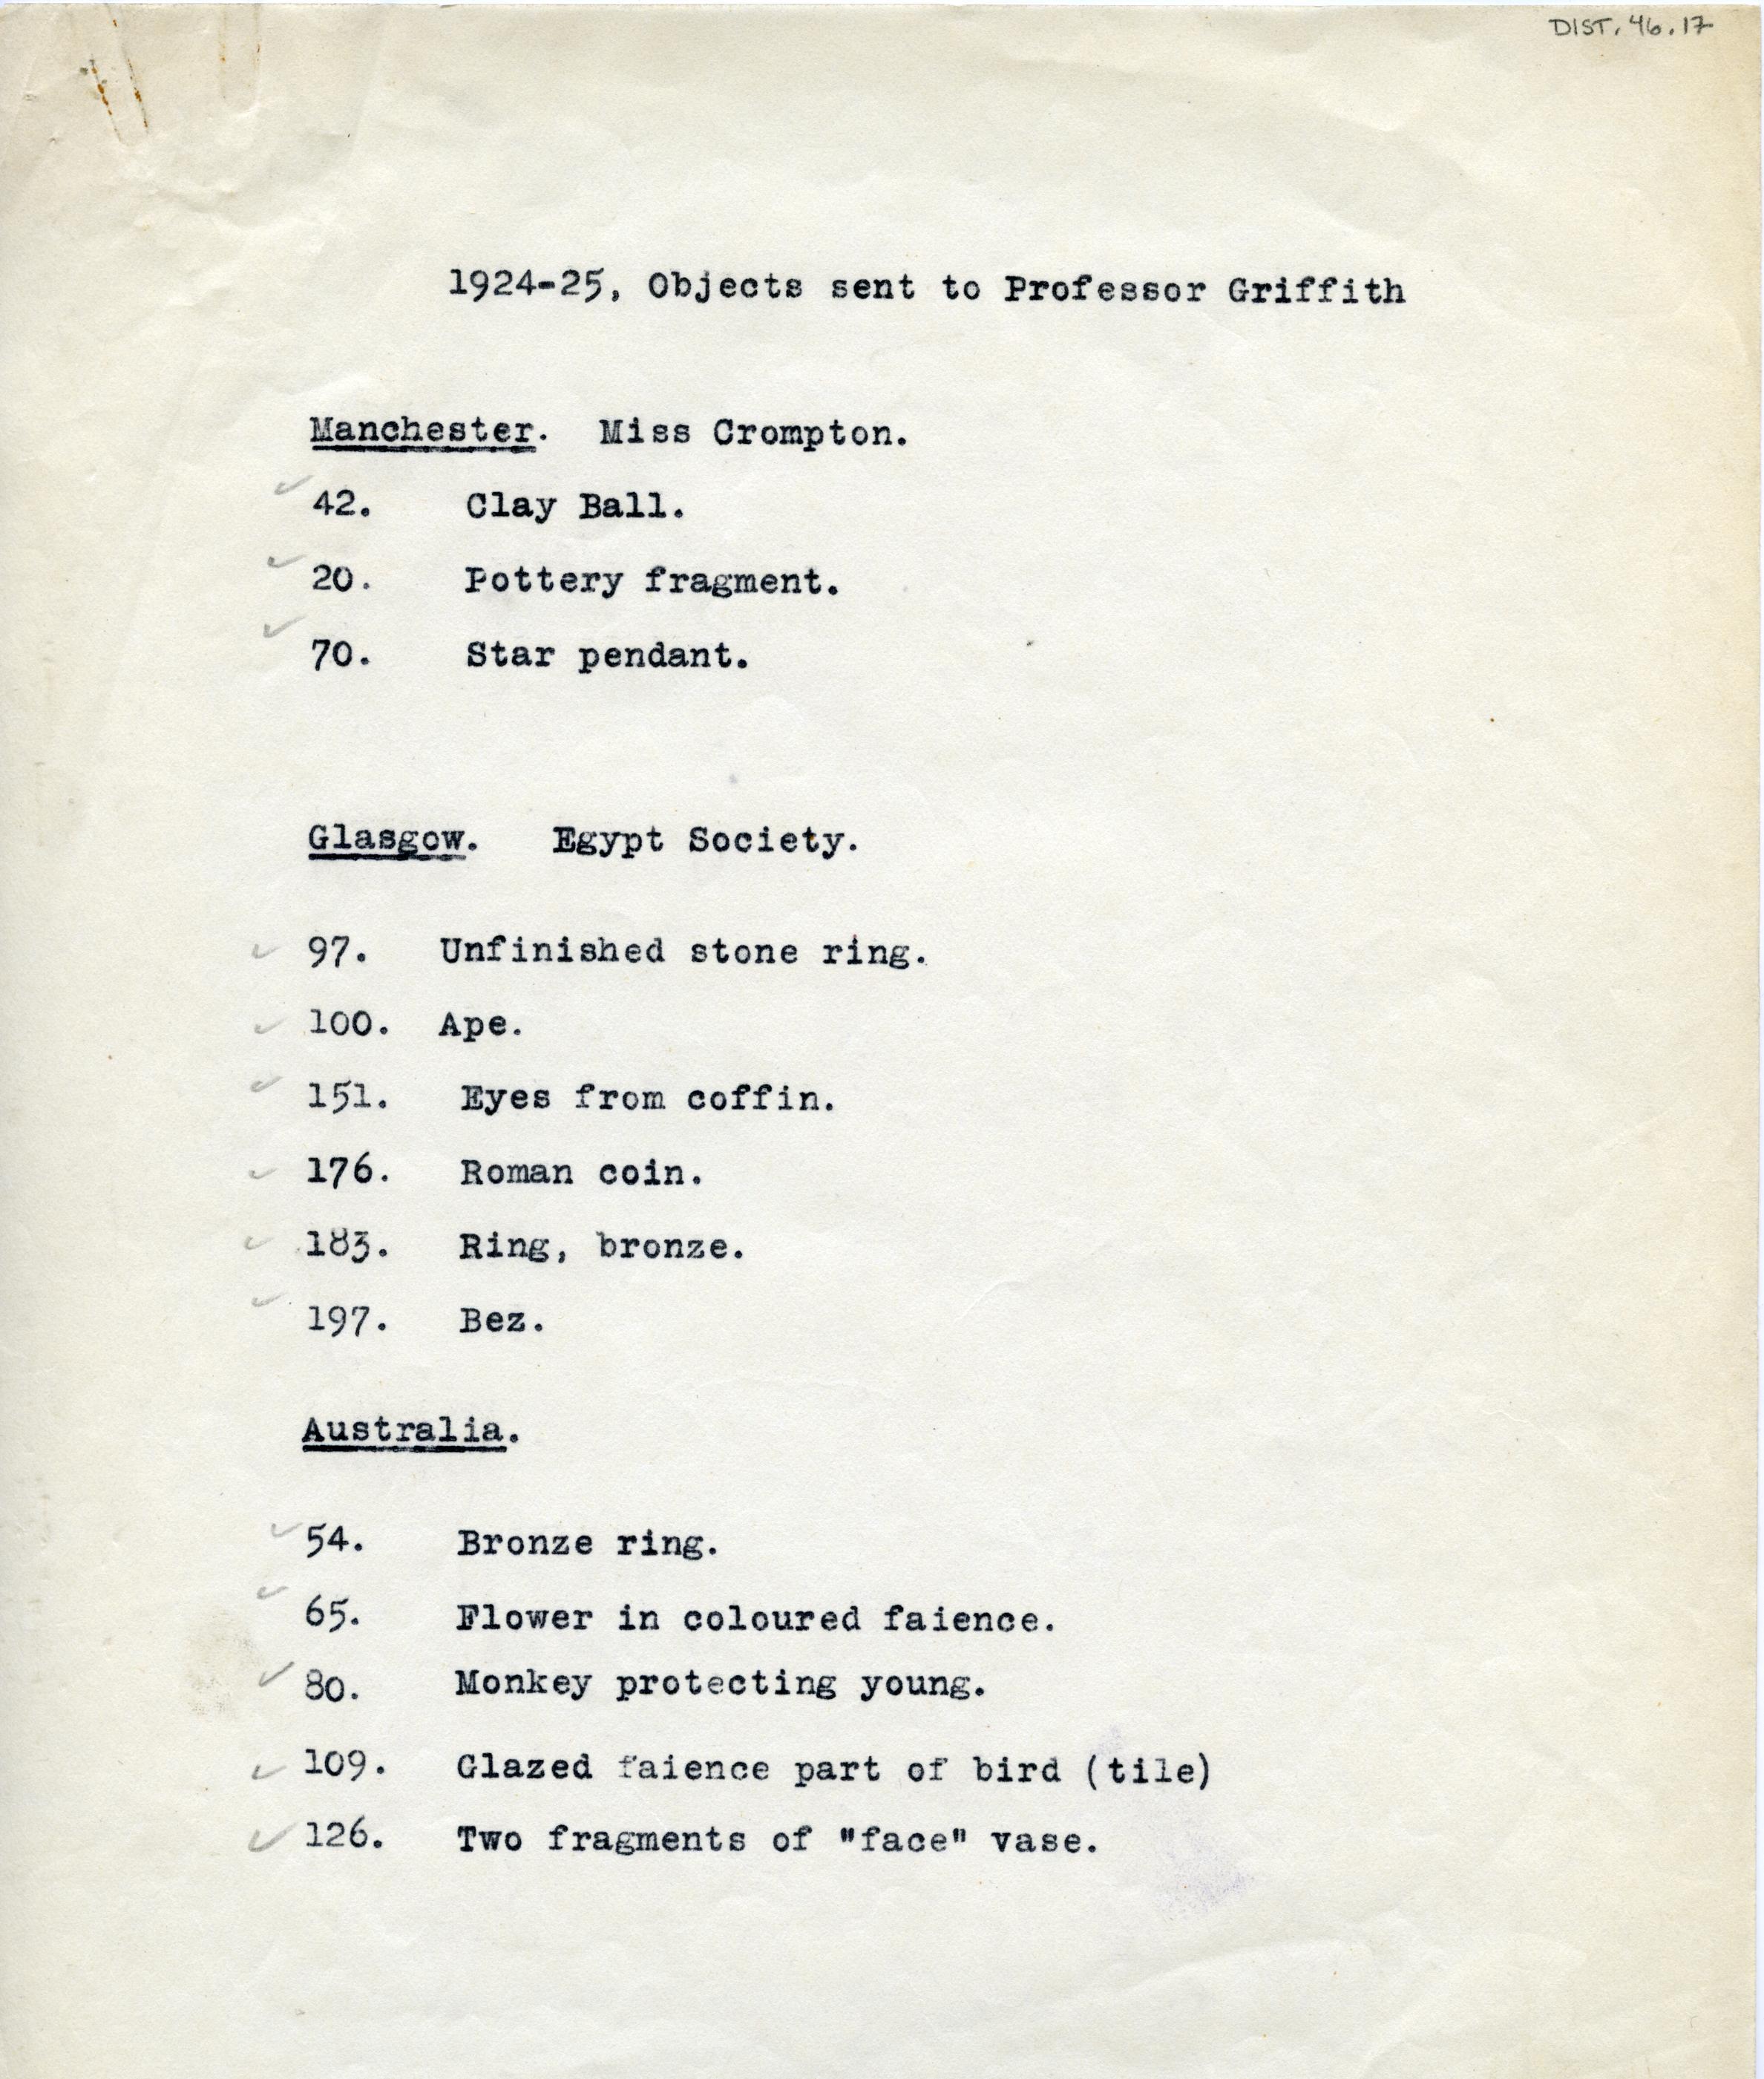 1921-25 el-Amarna DIST.46.17a